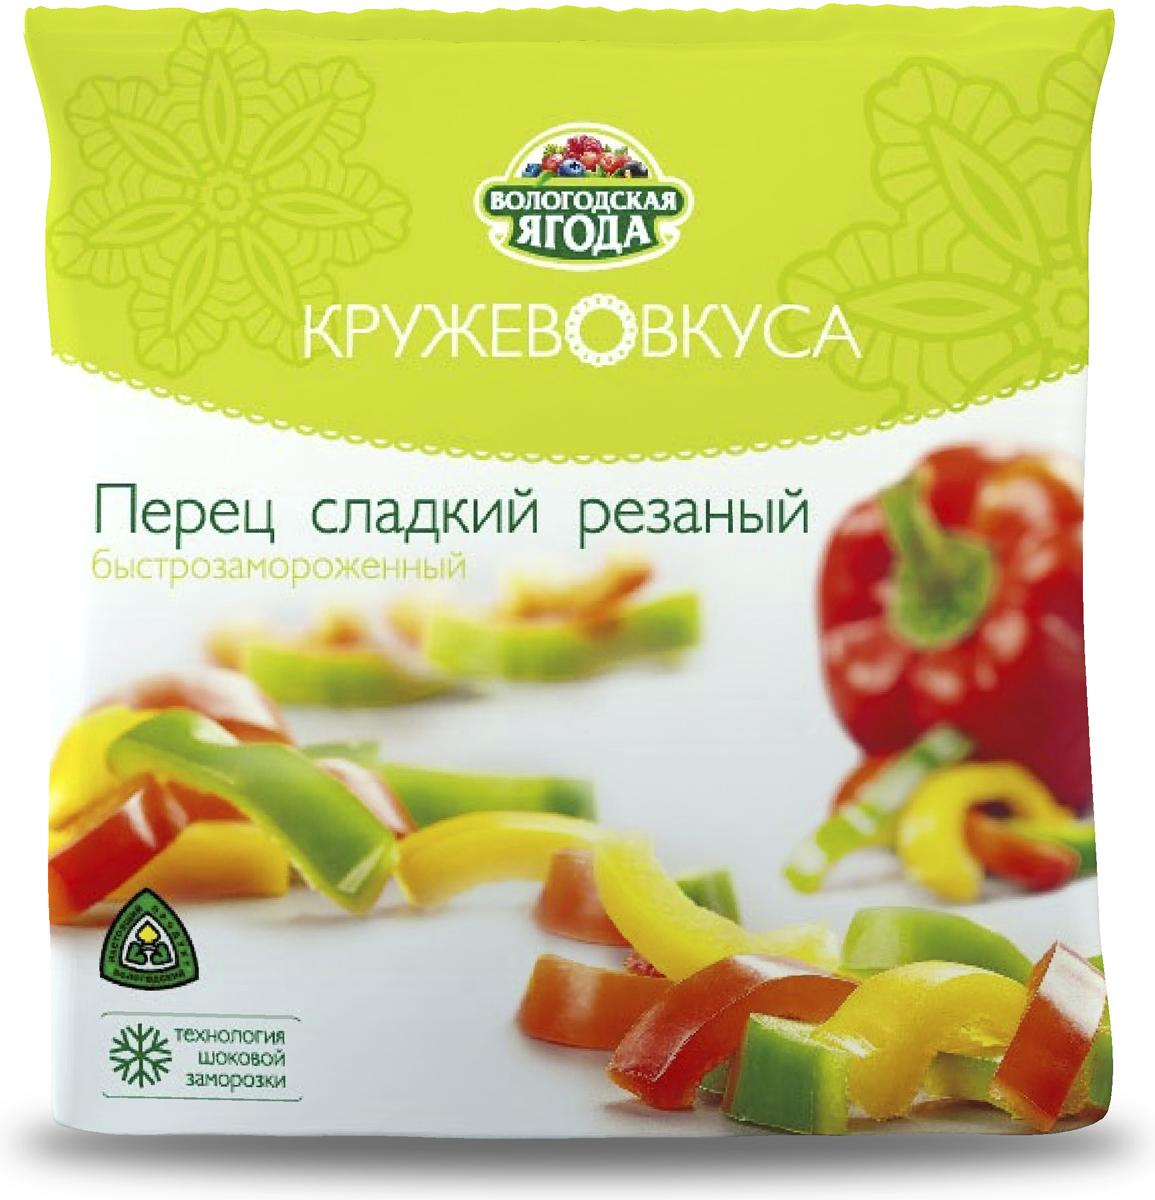 Кружево Вкуса Перец замороженный, 400 гУТ000000175В составе продукта – аккуратно нарезанный красный, жёлтый и зелёный болгарский сладкий перец, без добавления соли и жиров. Сладкий перец ТМ Кружево вкуса станет незаменимым помощником для приготовления массы полезных блюд. Овощные супы и наваристый суп-гуляш, паприкаш и овощные рагу, пицца и паста – везде перец сладкий нарезанный ТМ Кружево вкуса будет кстати.